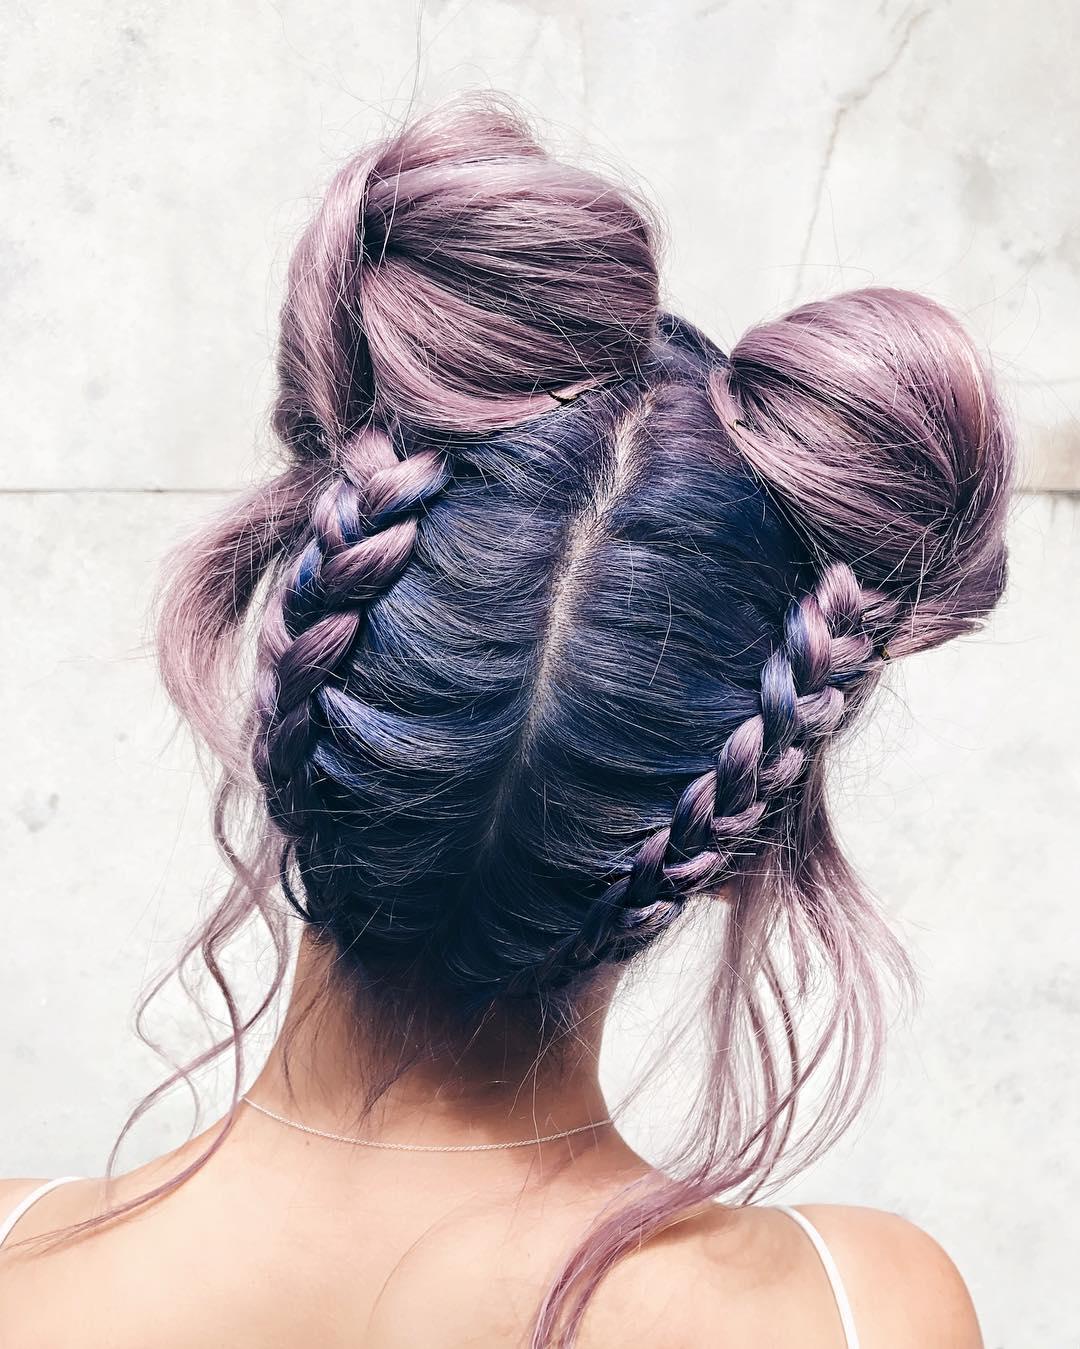 Quên tóc bob đi, đây mới là 4 kiểu tóc được dự đoán sẽ hot nhất 2017